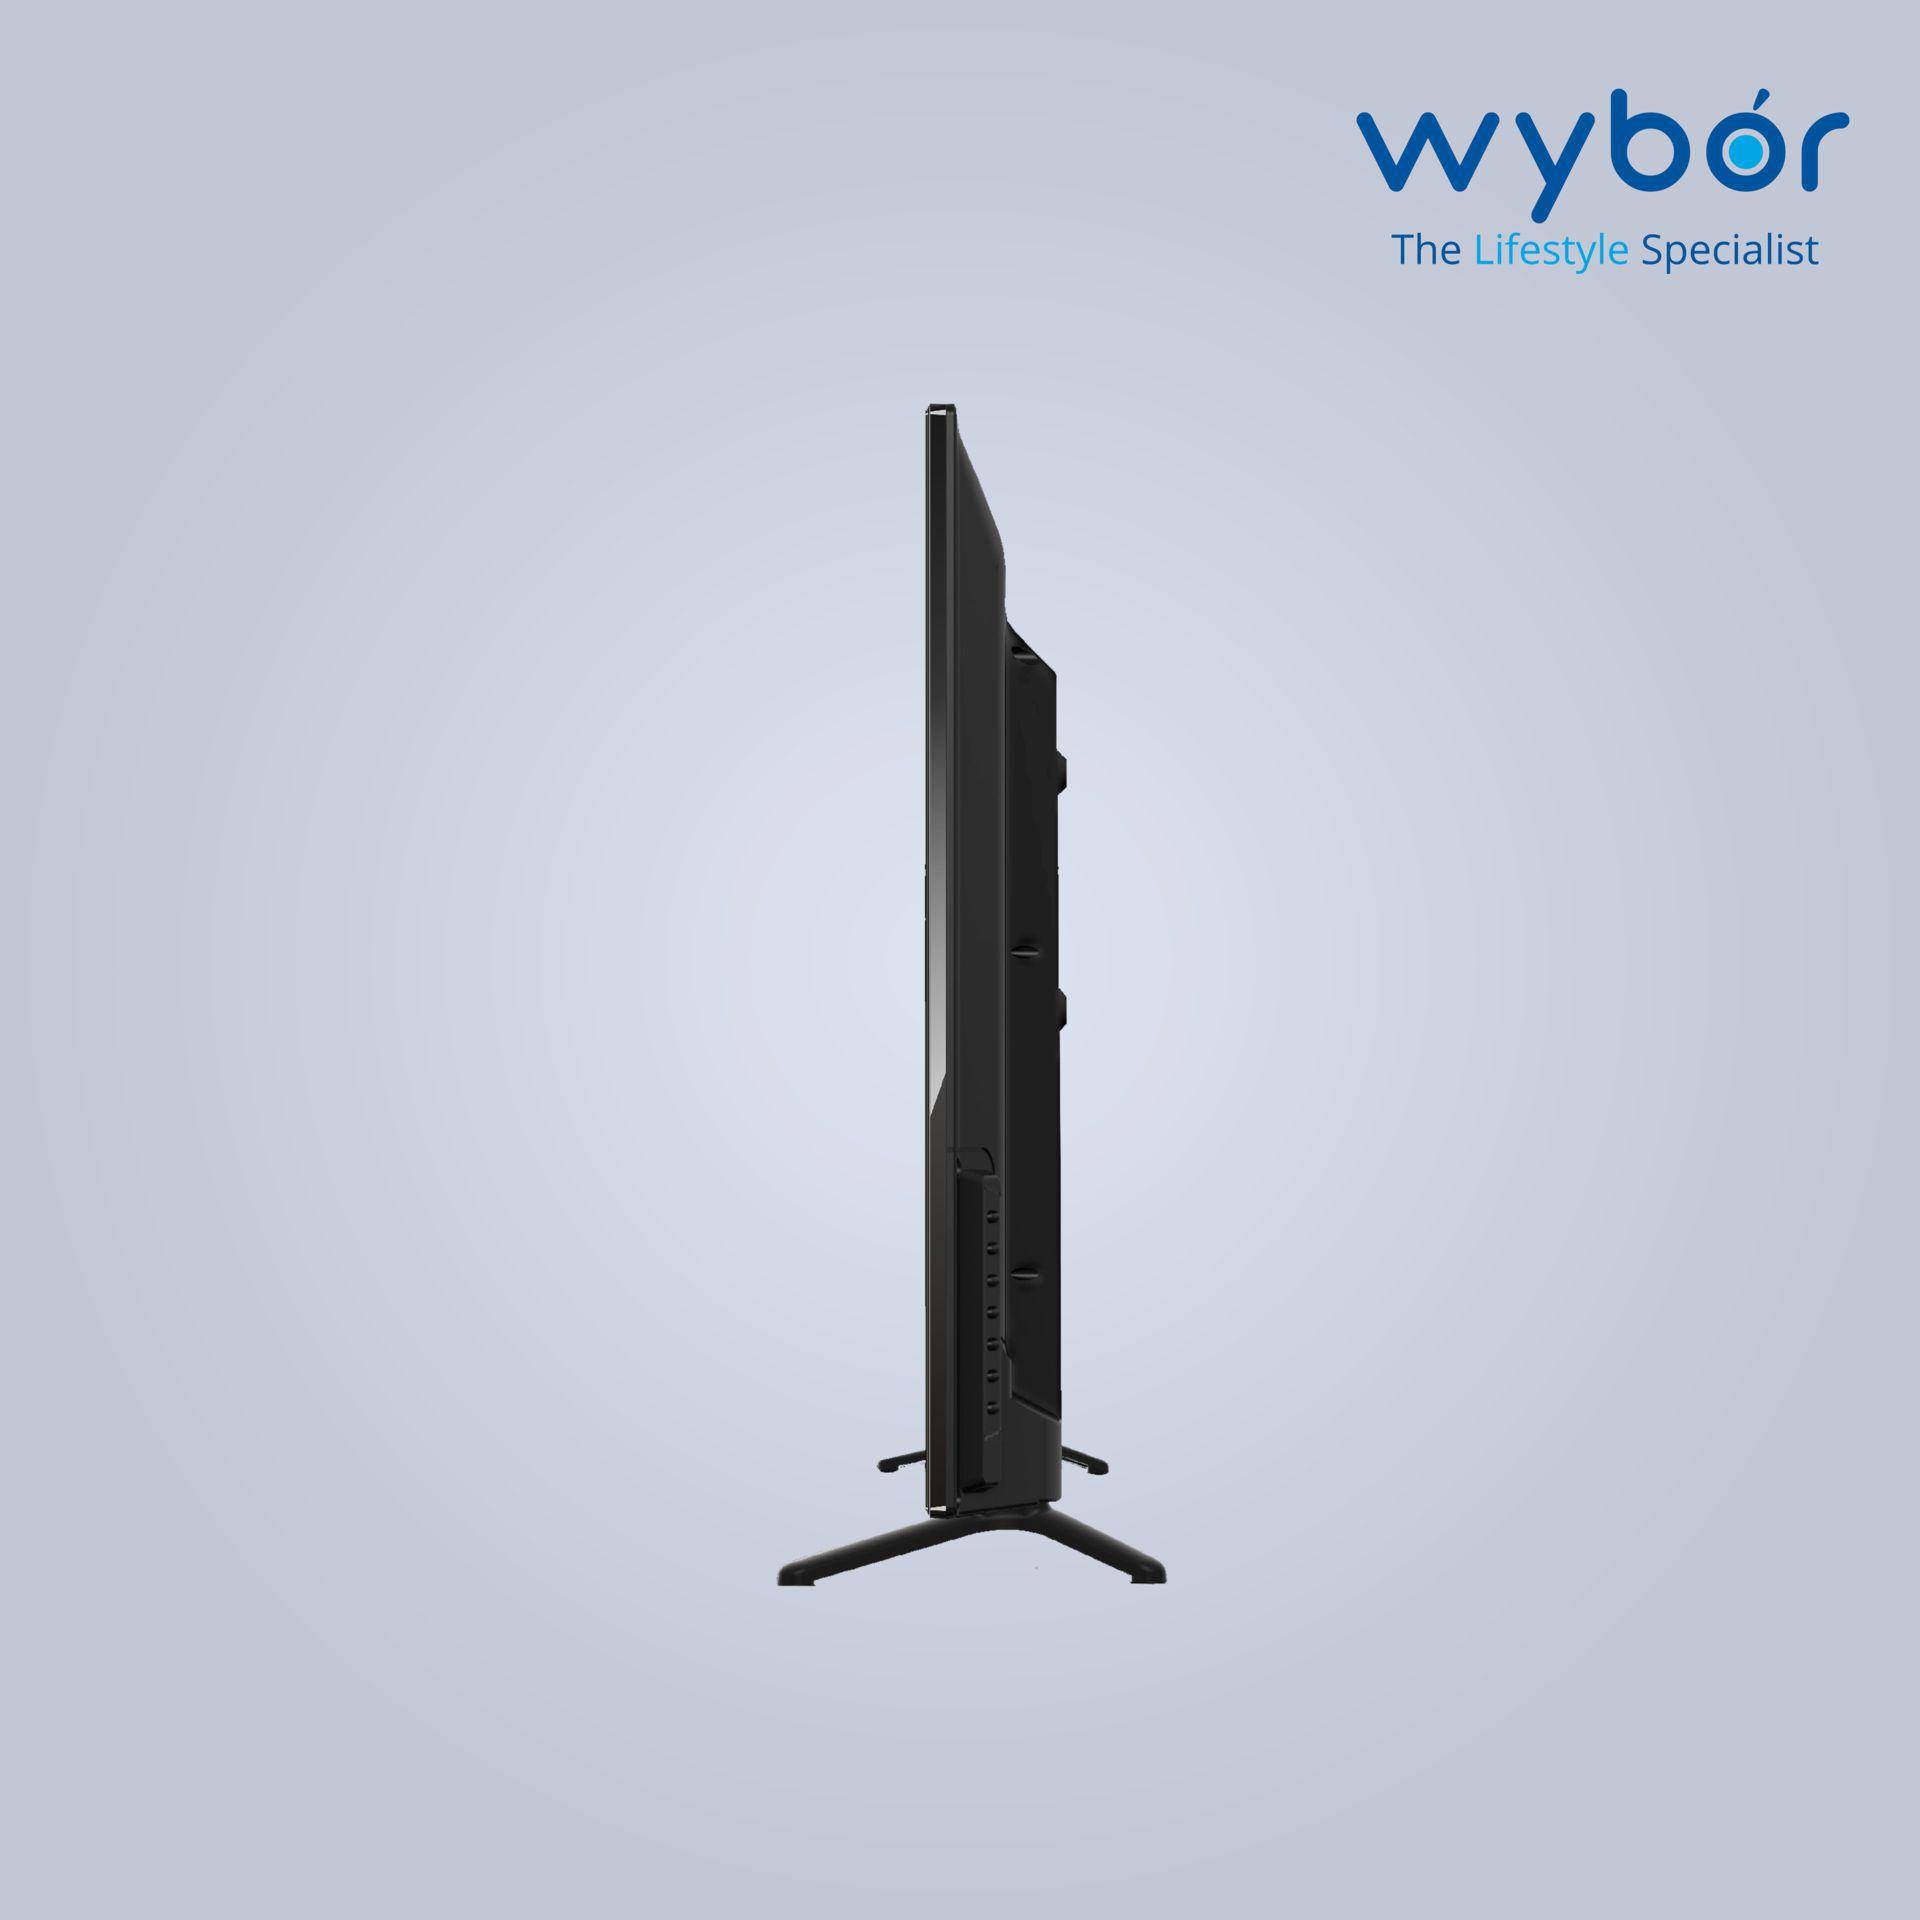 WYBOR WARRIOR 80 cm 32 HD Ready HDR LED Television